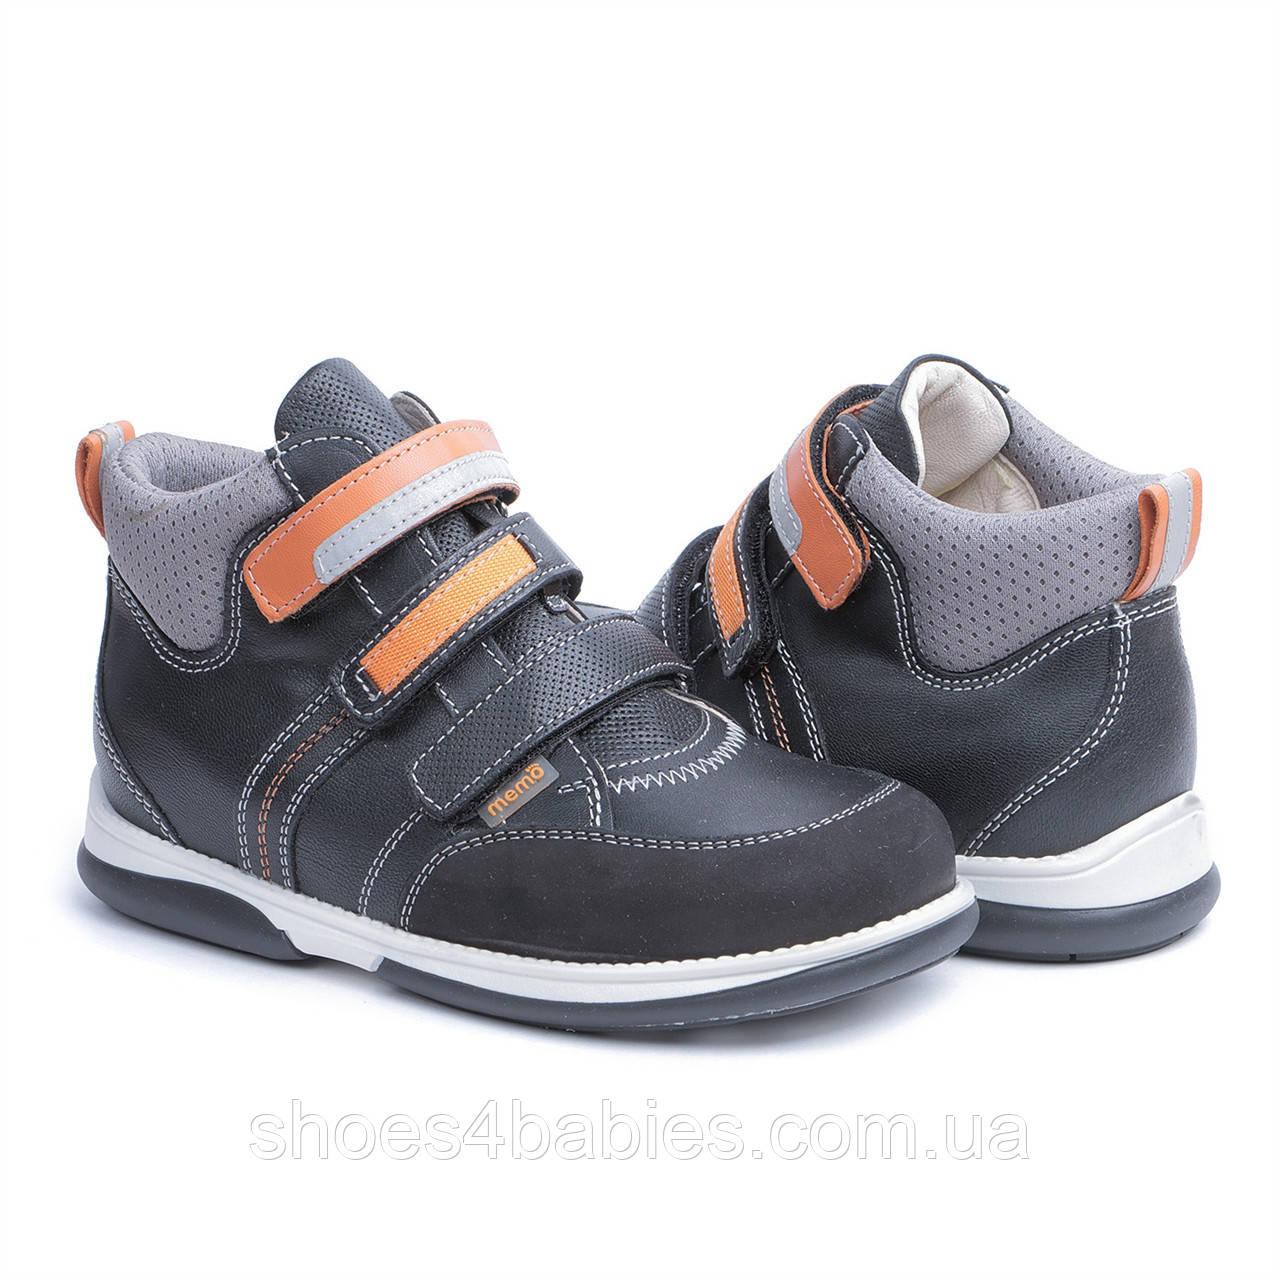 Memo Polo Черно-оранжевые - Детские ортопедические кроссовки 34